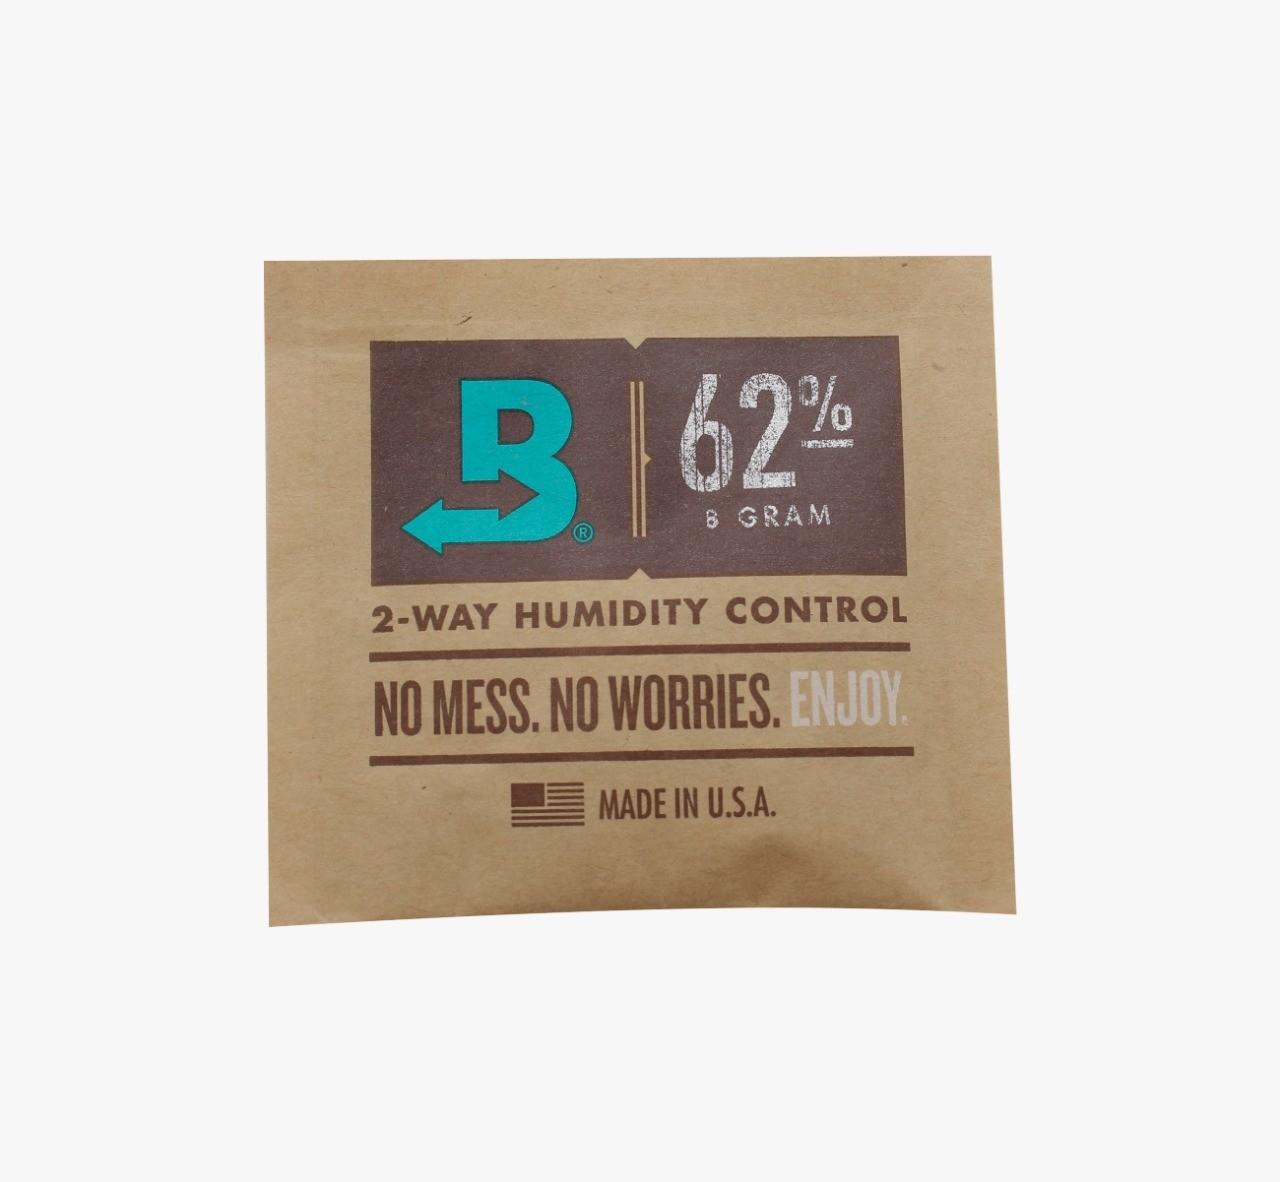 BOVEDA 62% SACHE 8G CONTROLE UMIDADE